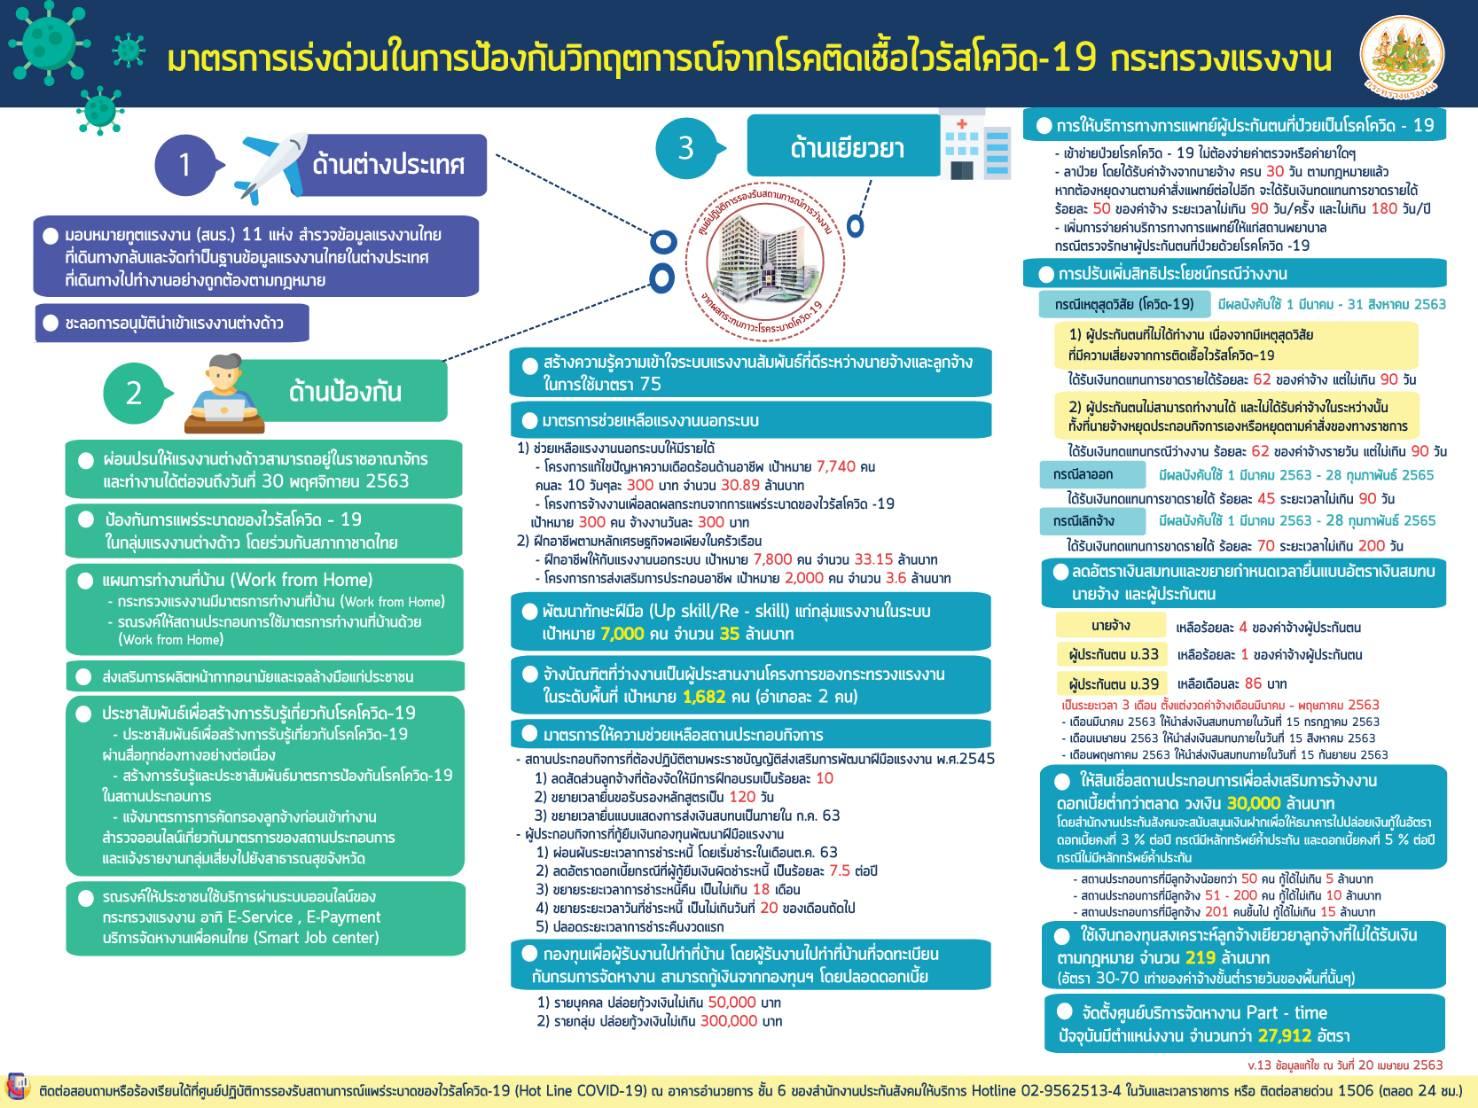 มาตรการเร่งด่วนในการป้องกันวิกฤตการณ์จากโรคติดเชื้อไวรัสโควิด-19 กระทรวงแรงงาน